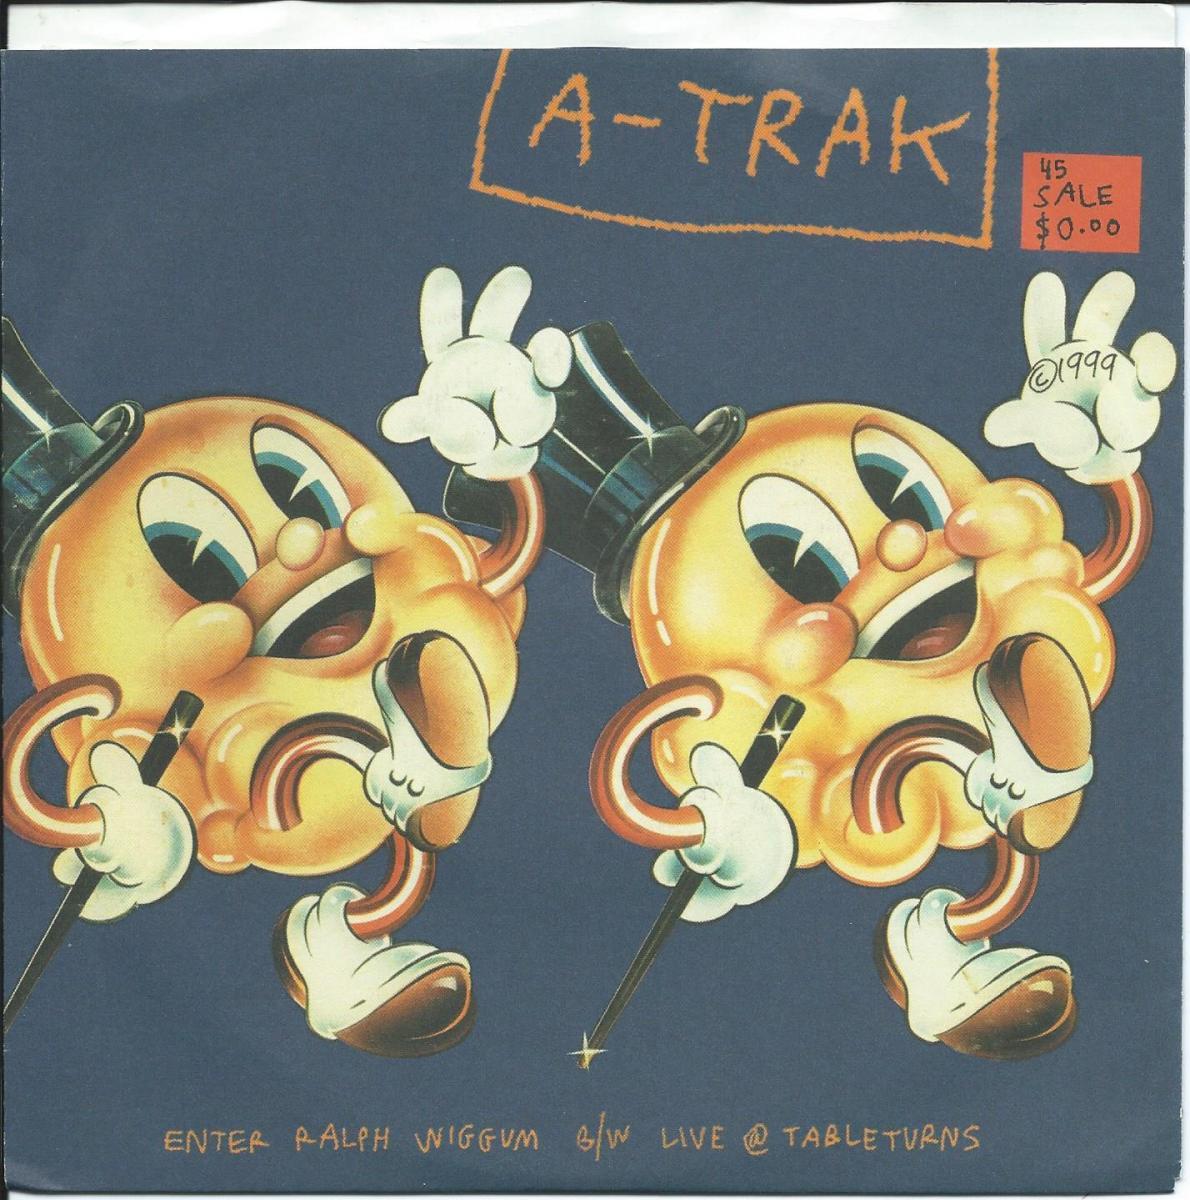 A-TRAK / ENTER RALPH WIGGUM / LIVE @ TABLETURNS (7